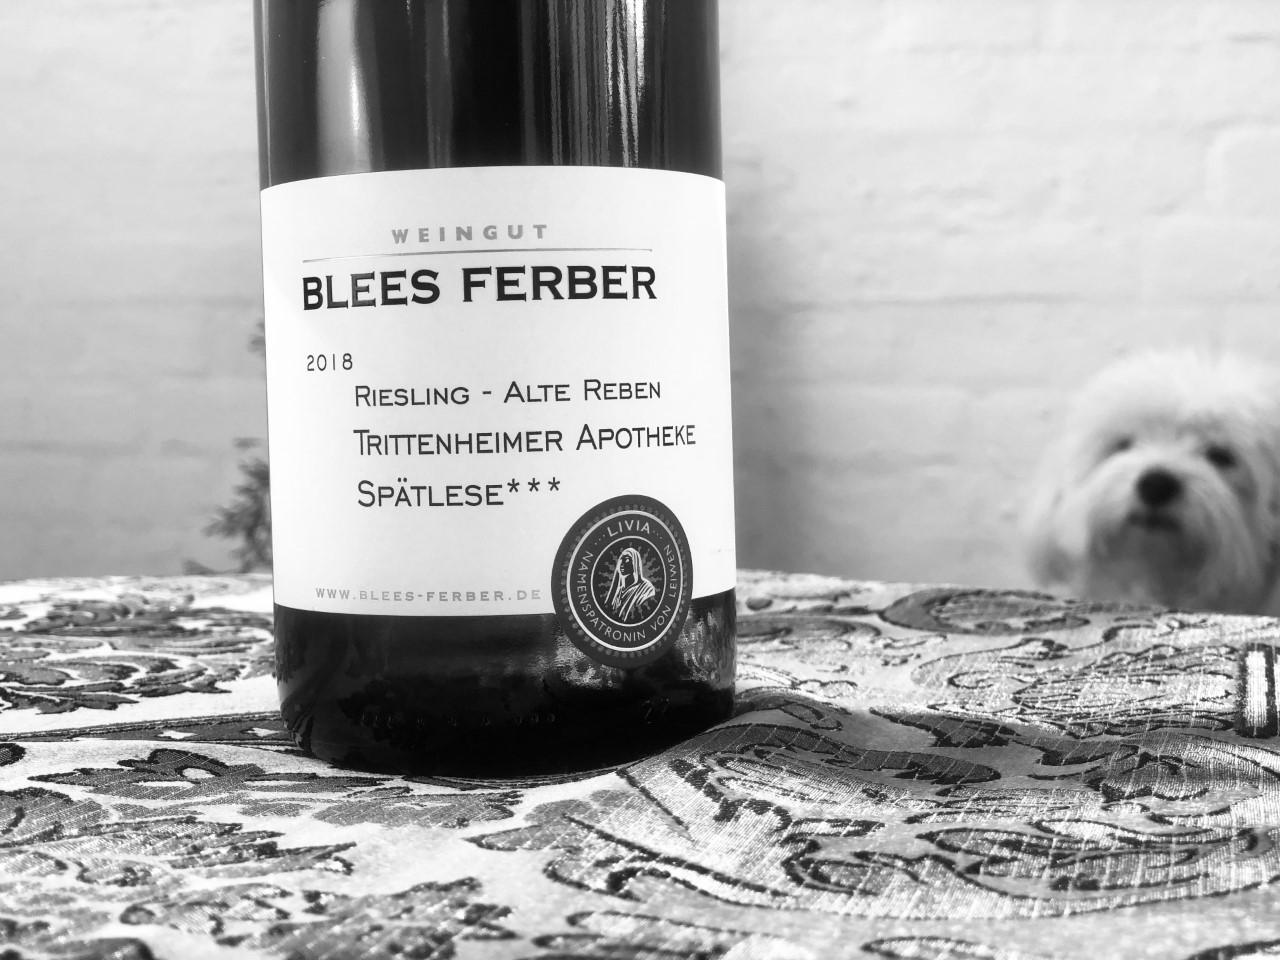 """""""Frække mellemste bror"""": Lavet på ældre vinstokke og giver friskheden og sprødheden lidt mere mineralitet og afrundet smag af hvidvin Riesling Alte Reben Trittenheimer Apotheke Spätlese, fra Blees Ferber, Tyskland"""